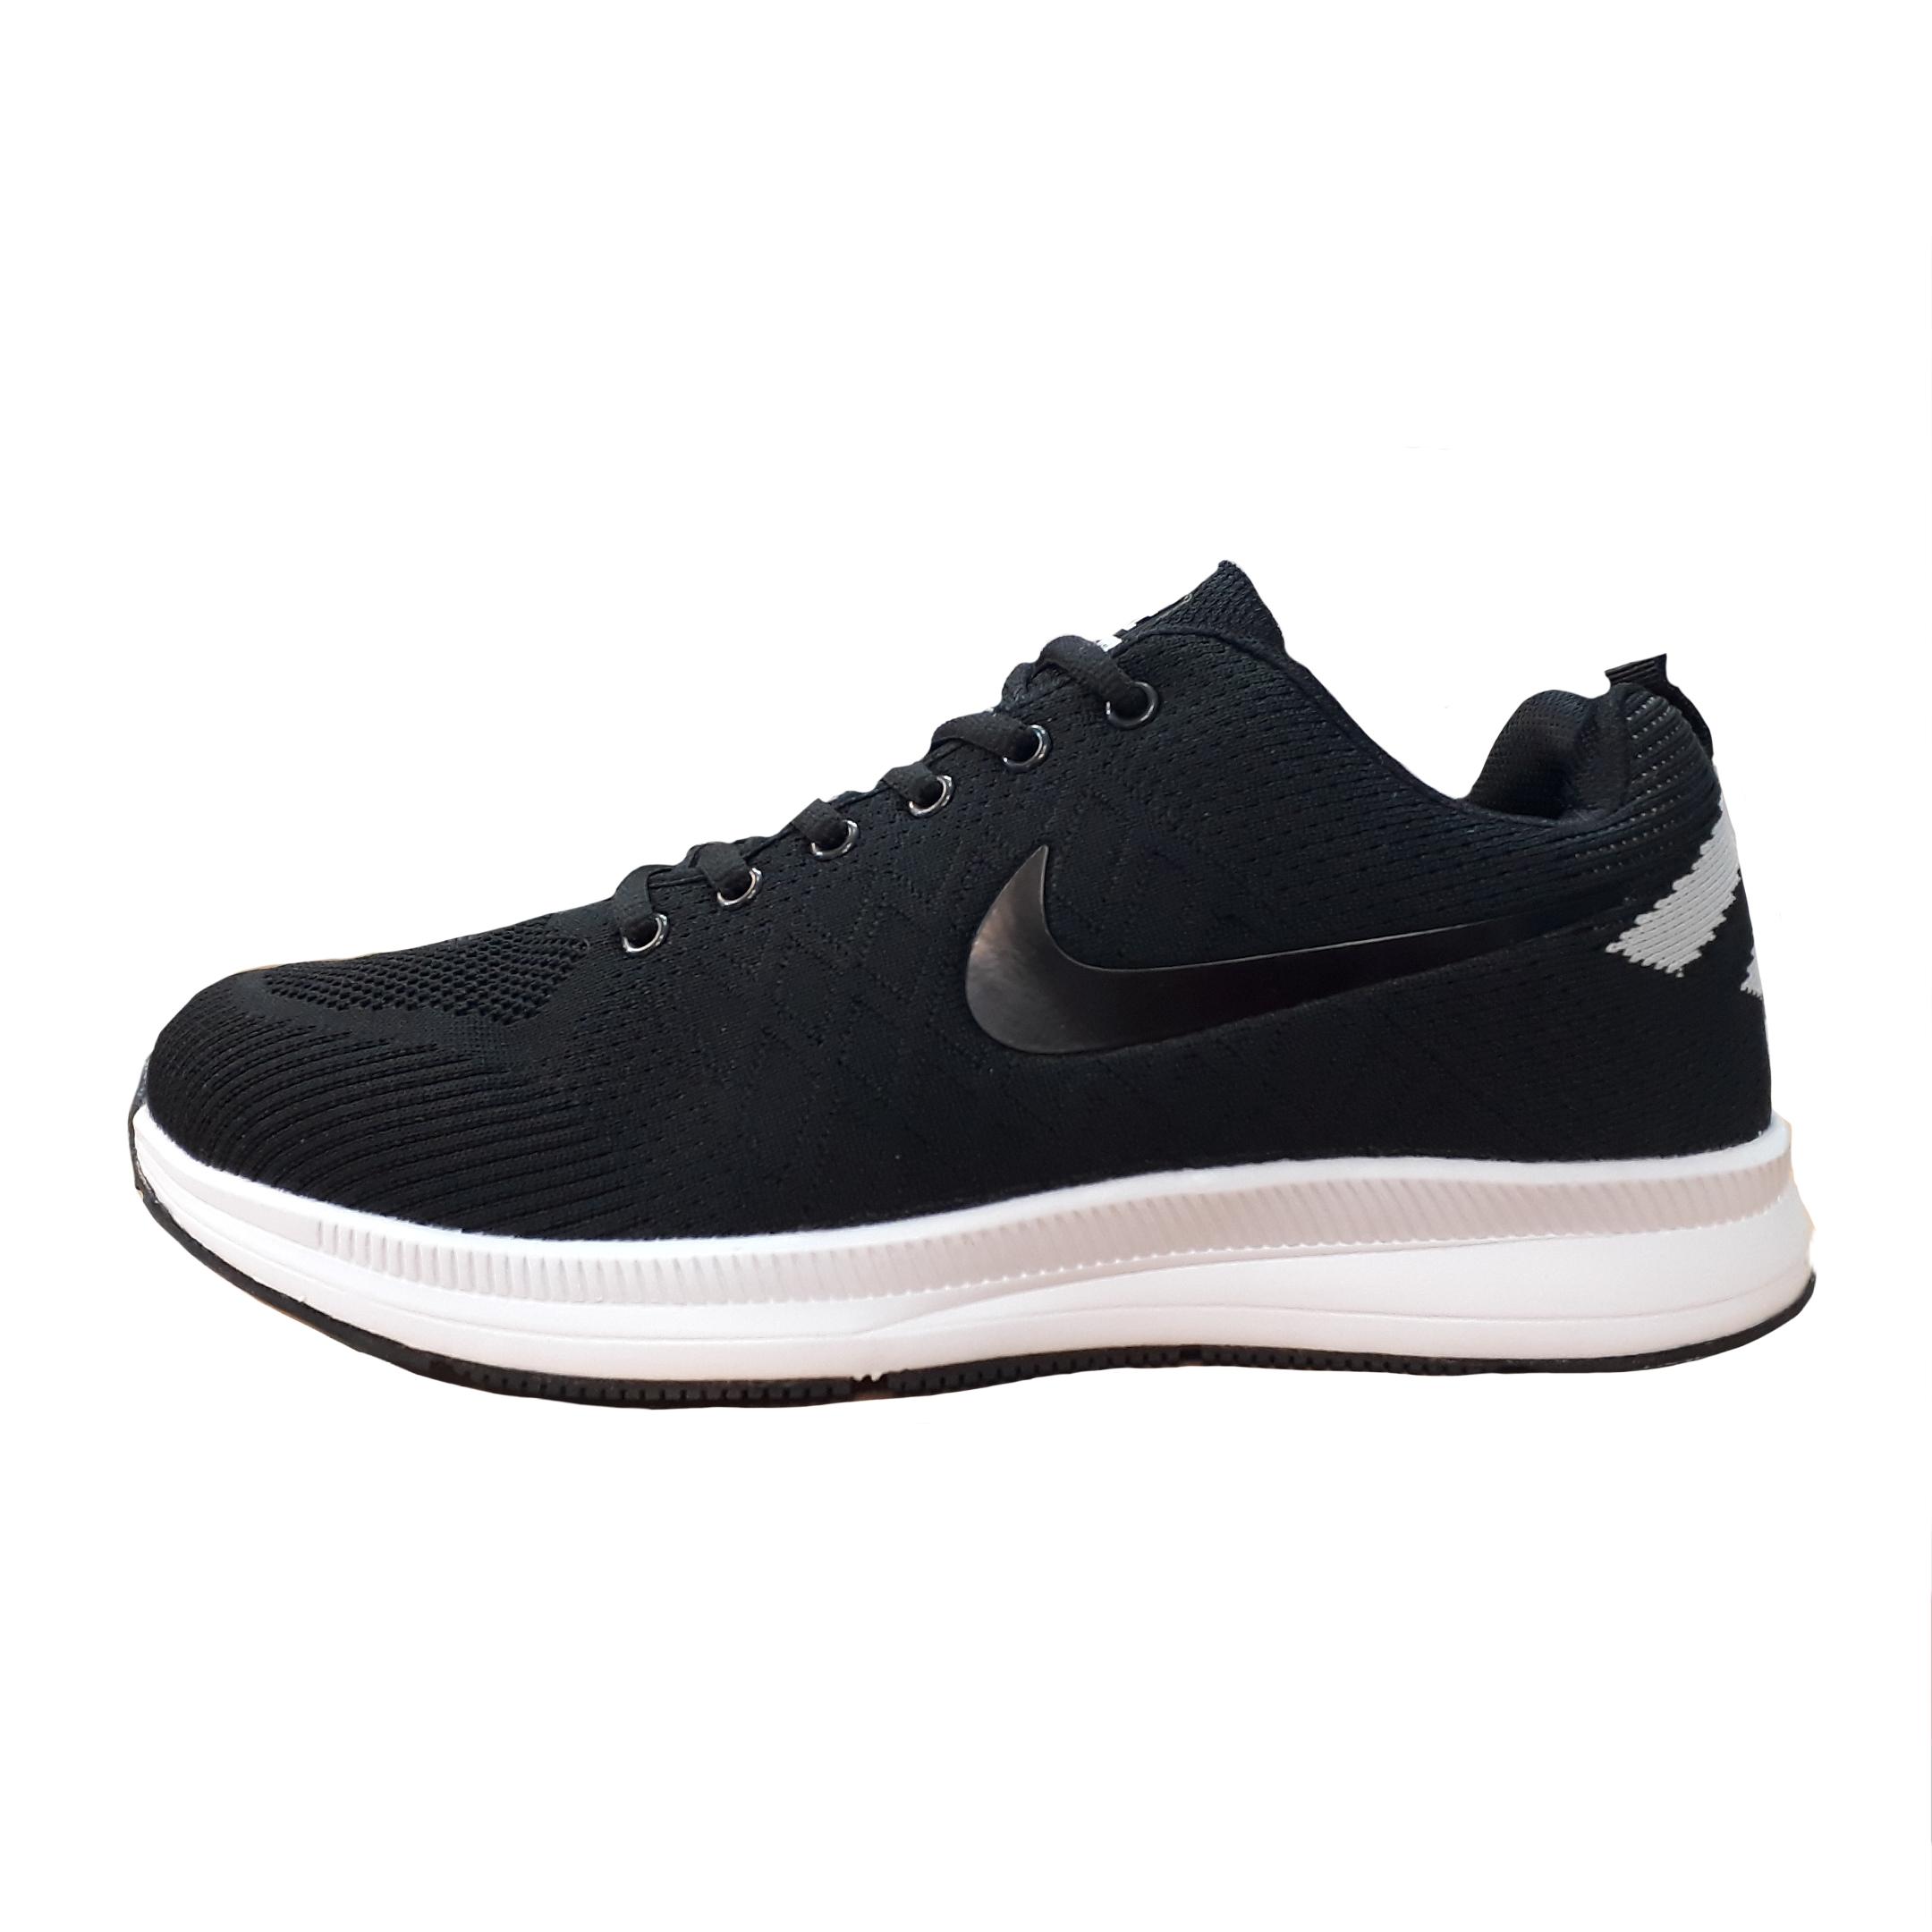 قیمت کفش مخصوص پیاده روی مردانه مدل Nk 1